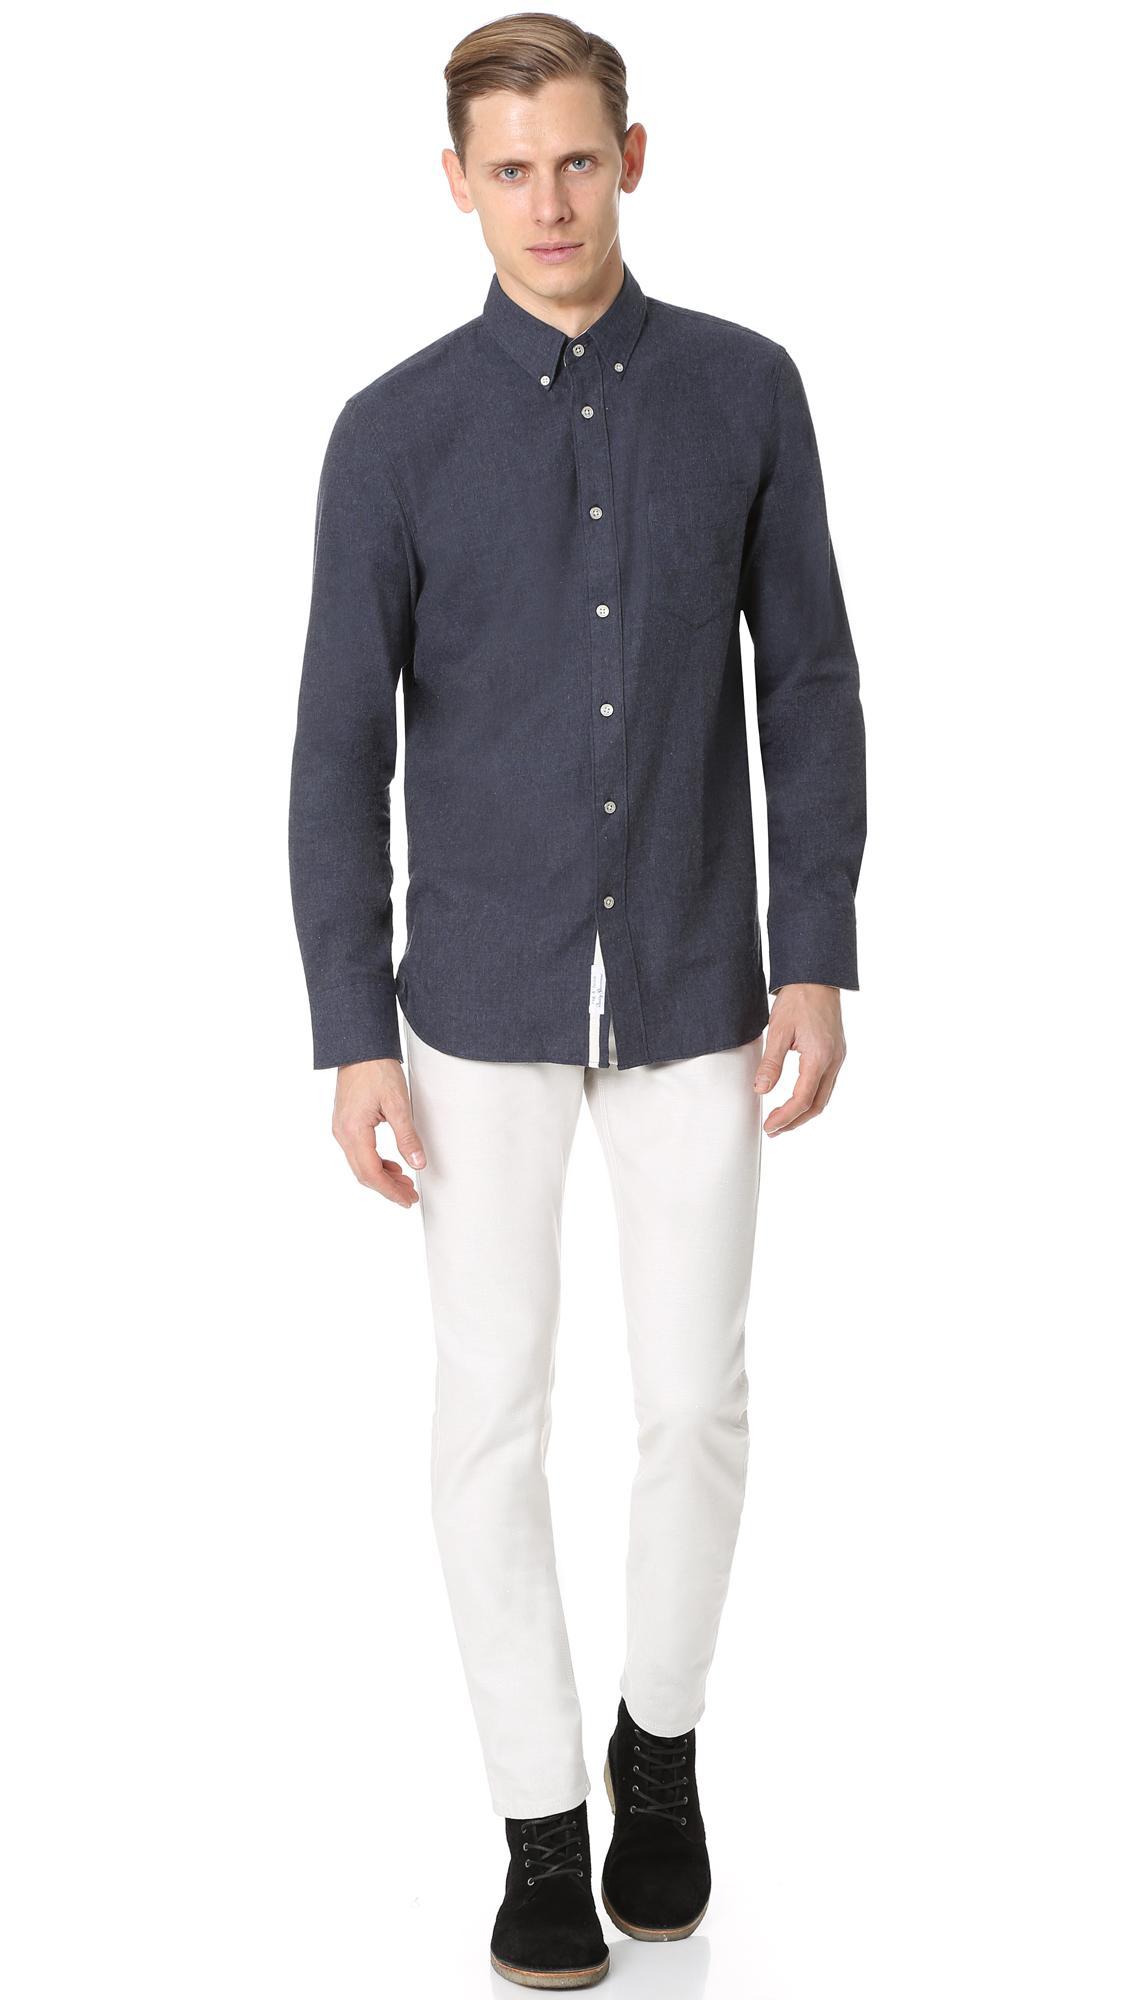 Rag & Bone Denim Archive Fit 2 Selvedge Jeans in White for Men